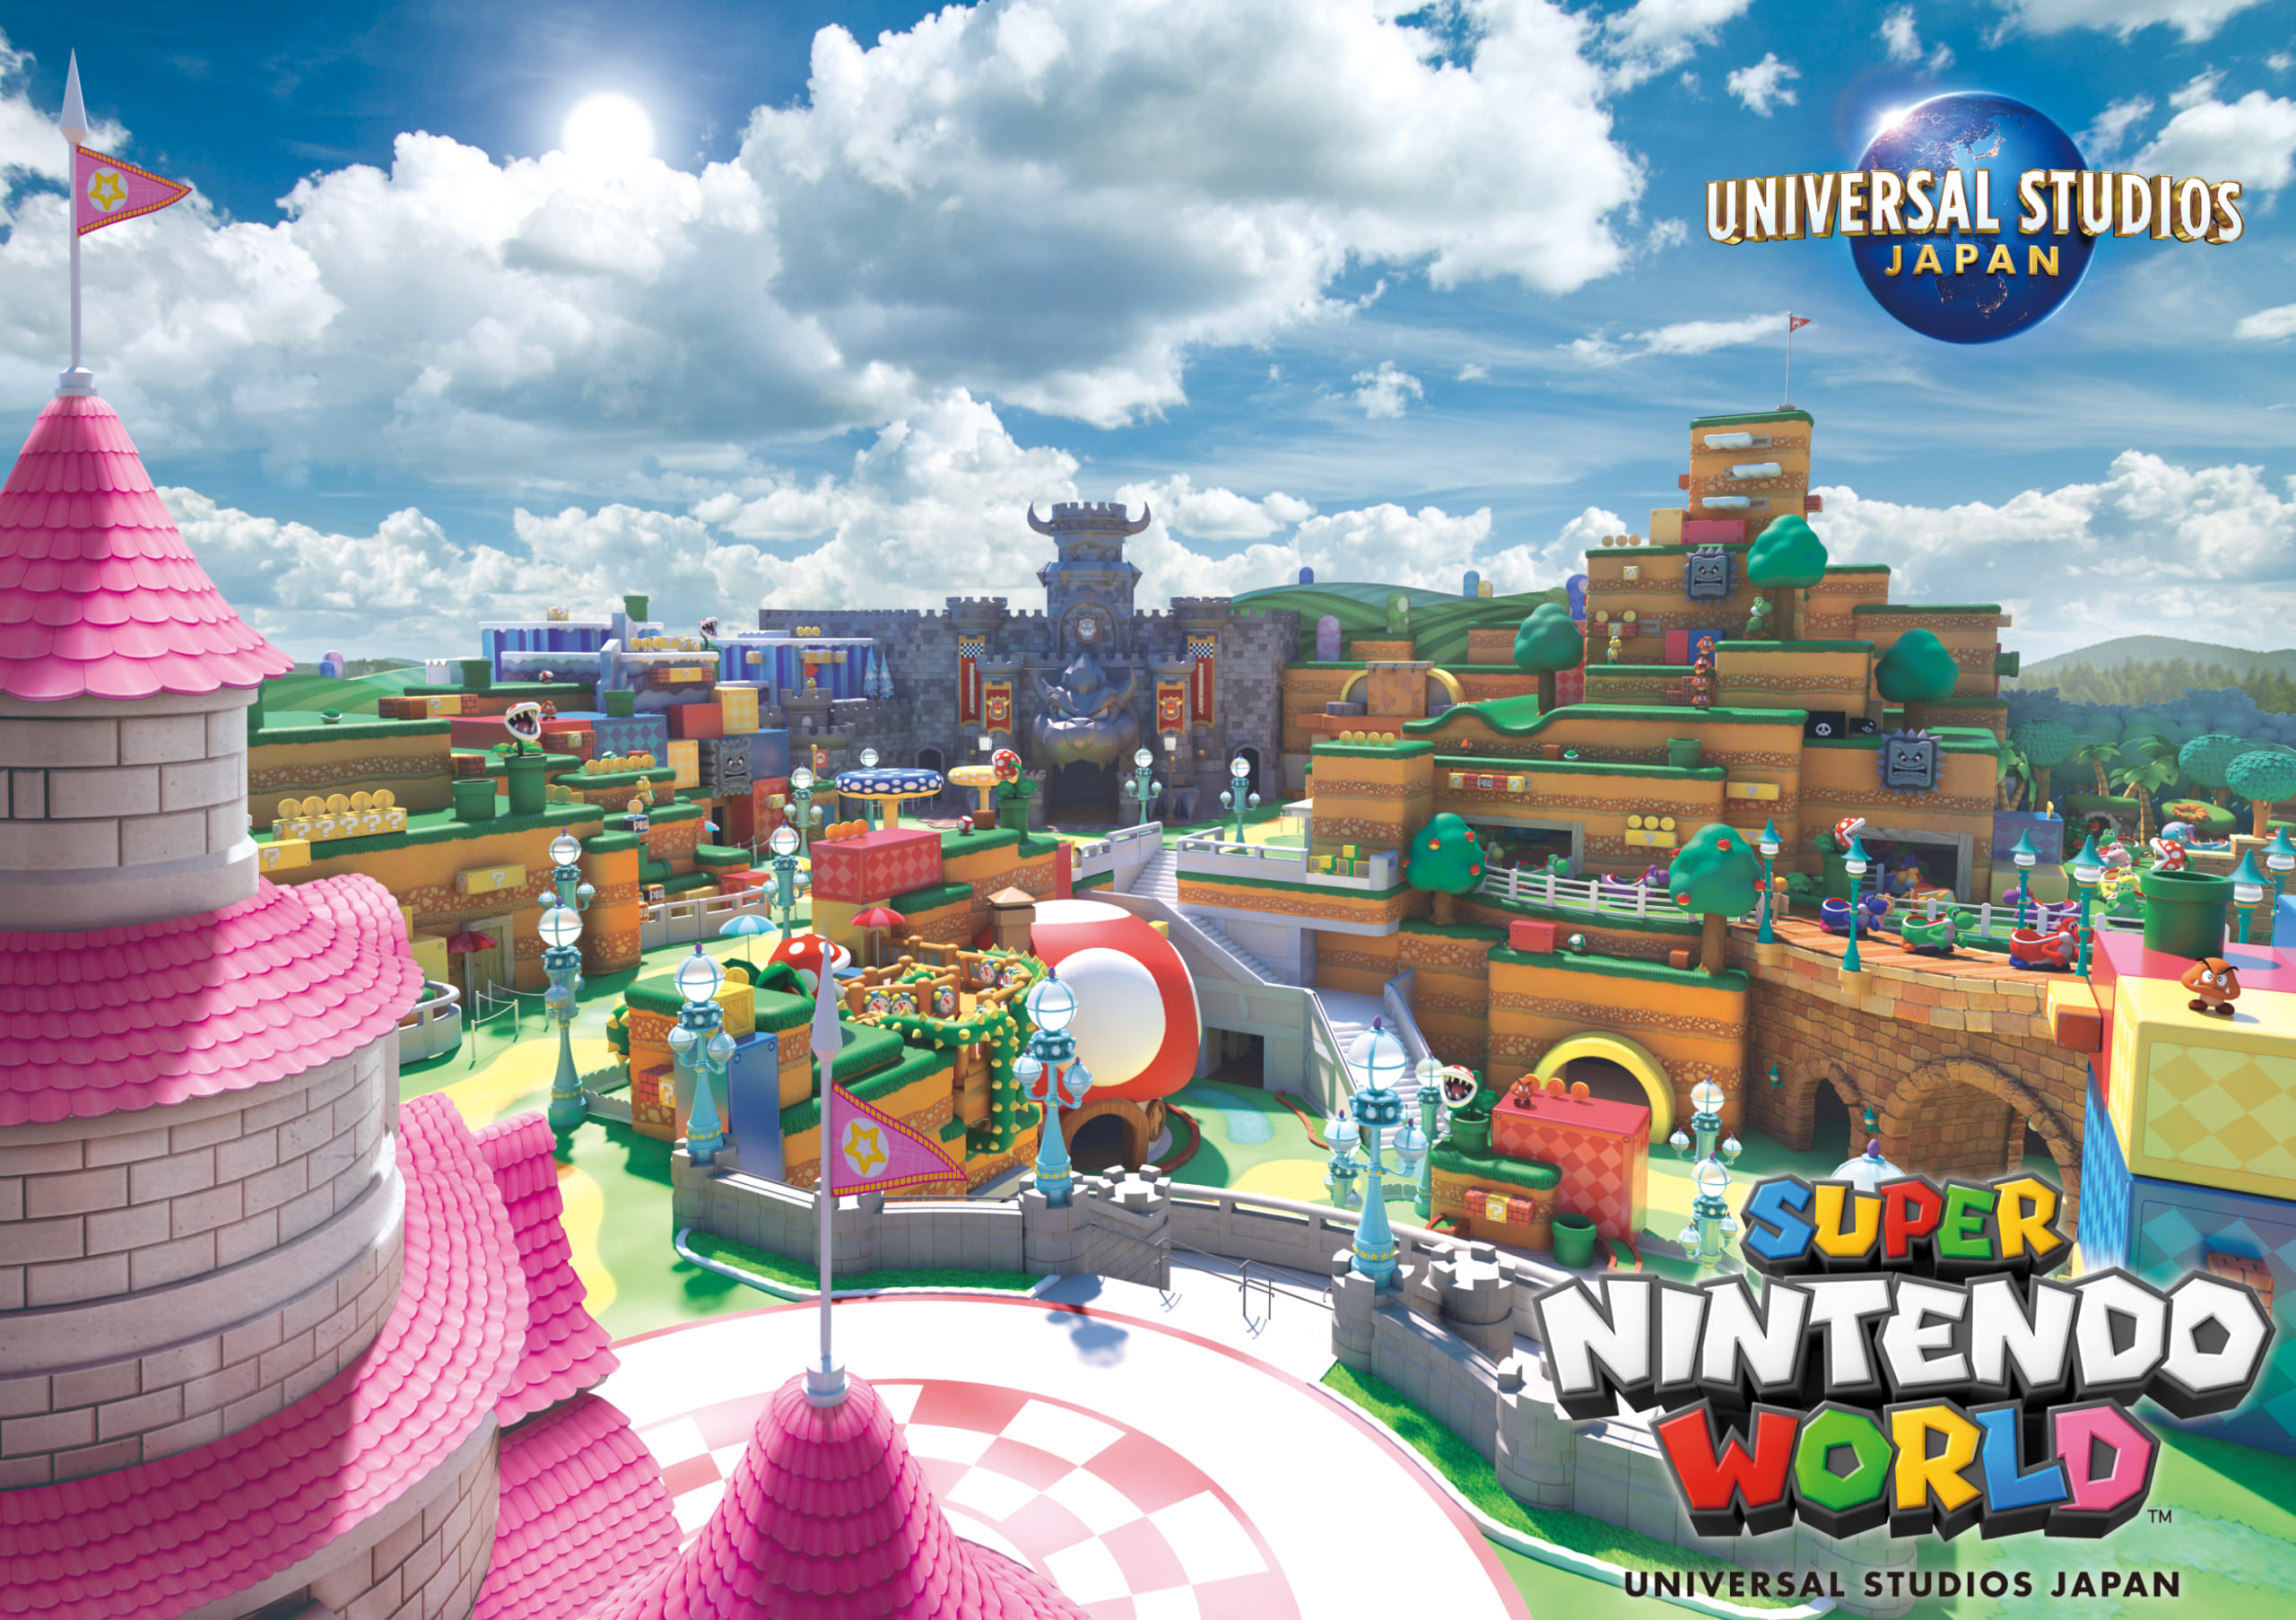 世界初!USJに任天堂をテーマにしたエリア『SUPER NINTENDO WORLD』2021年春開業!